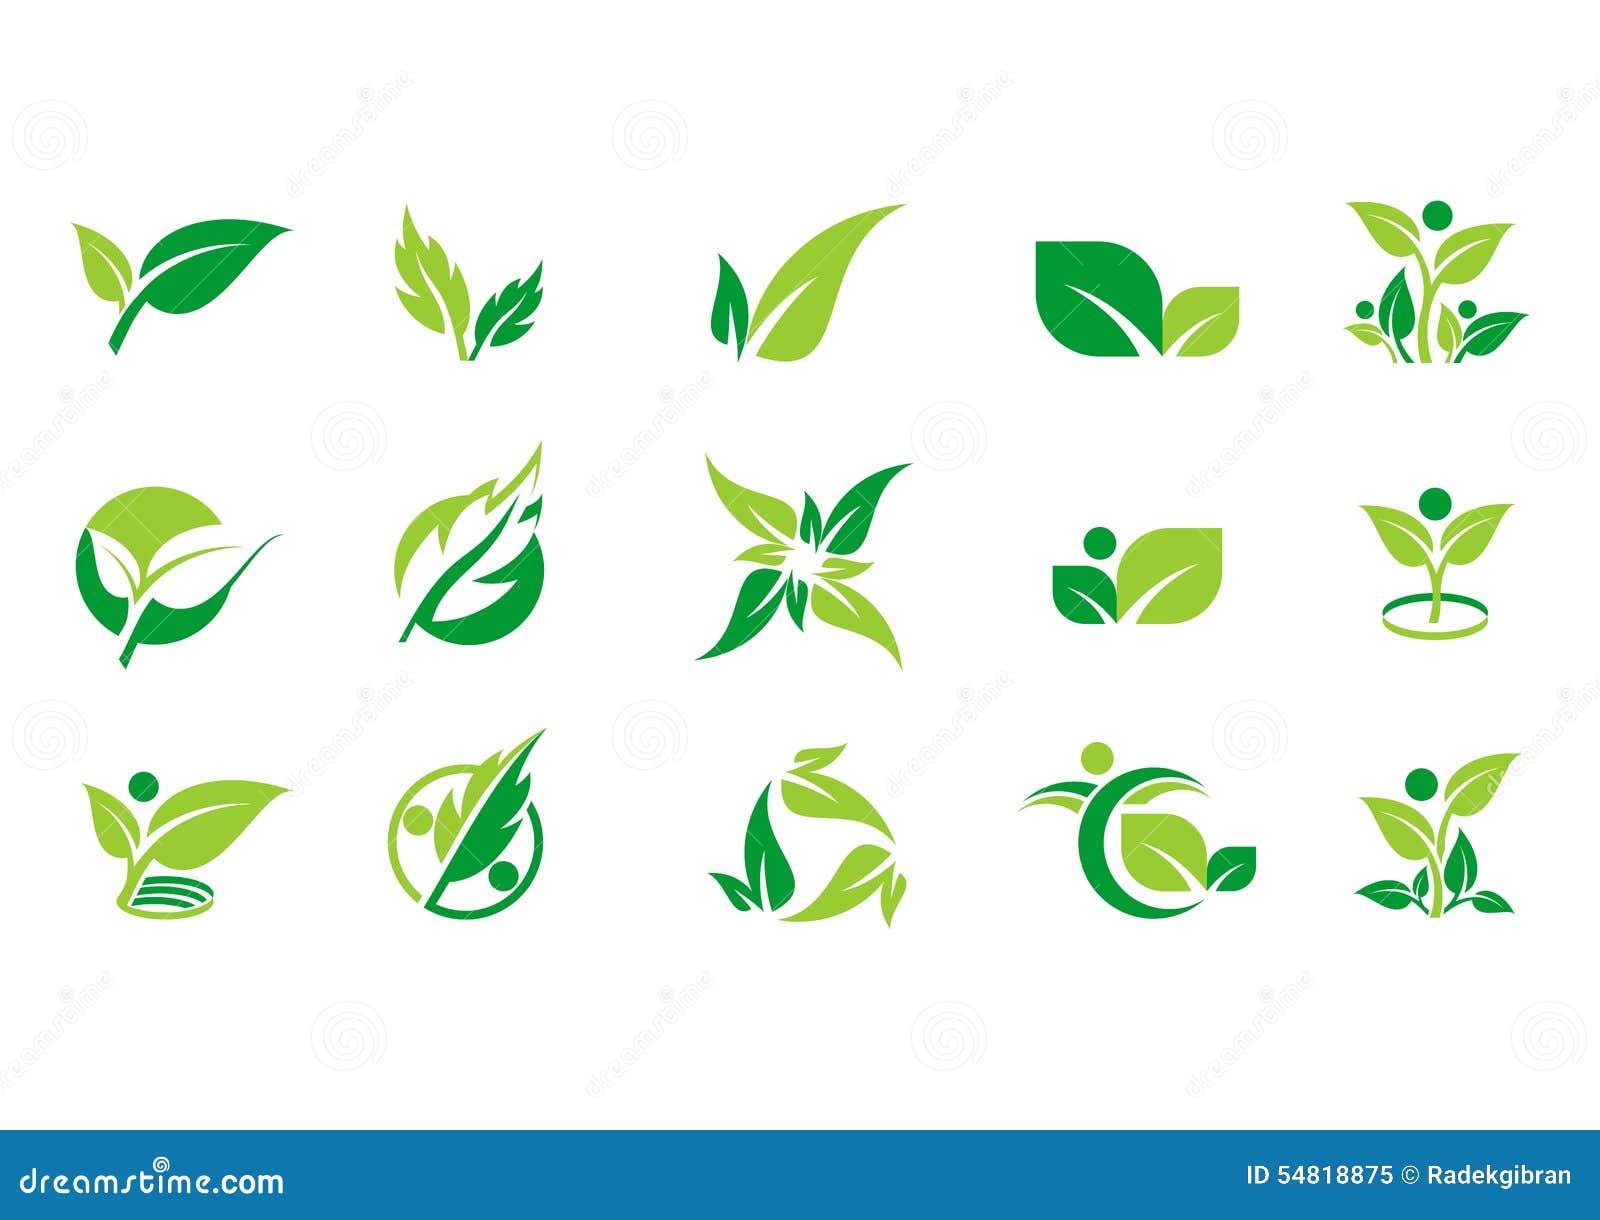 La hoja, planta, logotipo, ecología, gente, salud, verde, hojas, sistema del icono del símbolo de la naturaleza del vector diseña